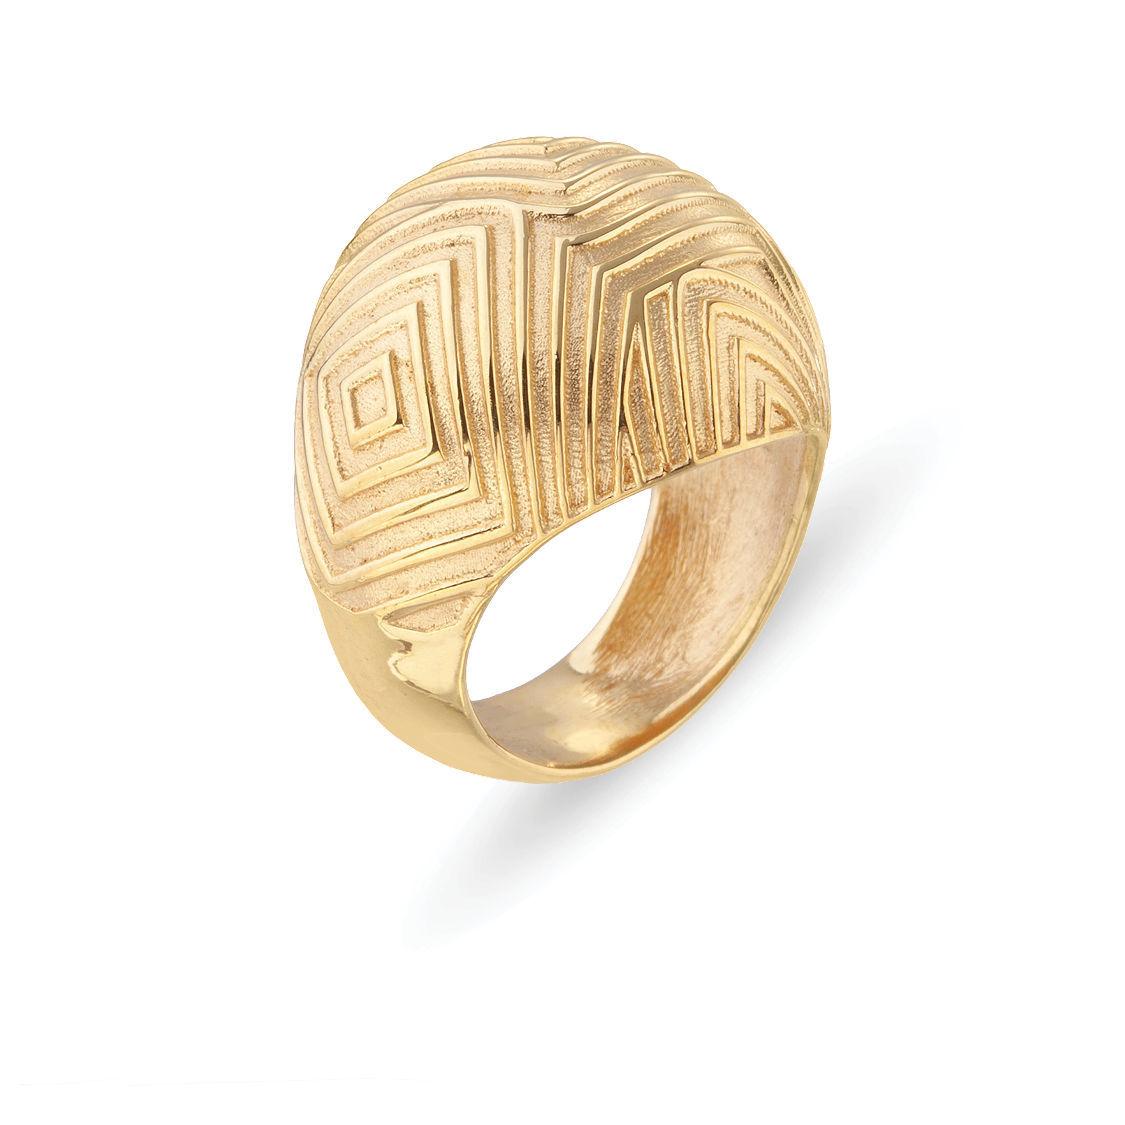 Δαχτυλίδι Mitos από επιχρυσωμένο ασήμι 925°